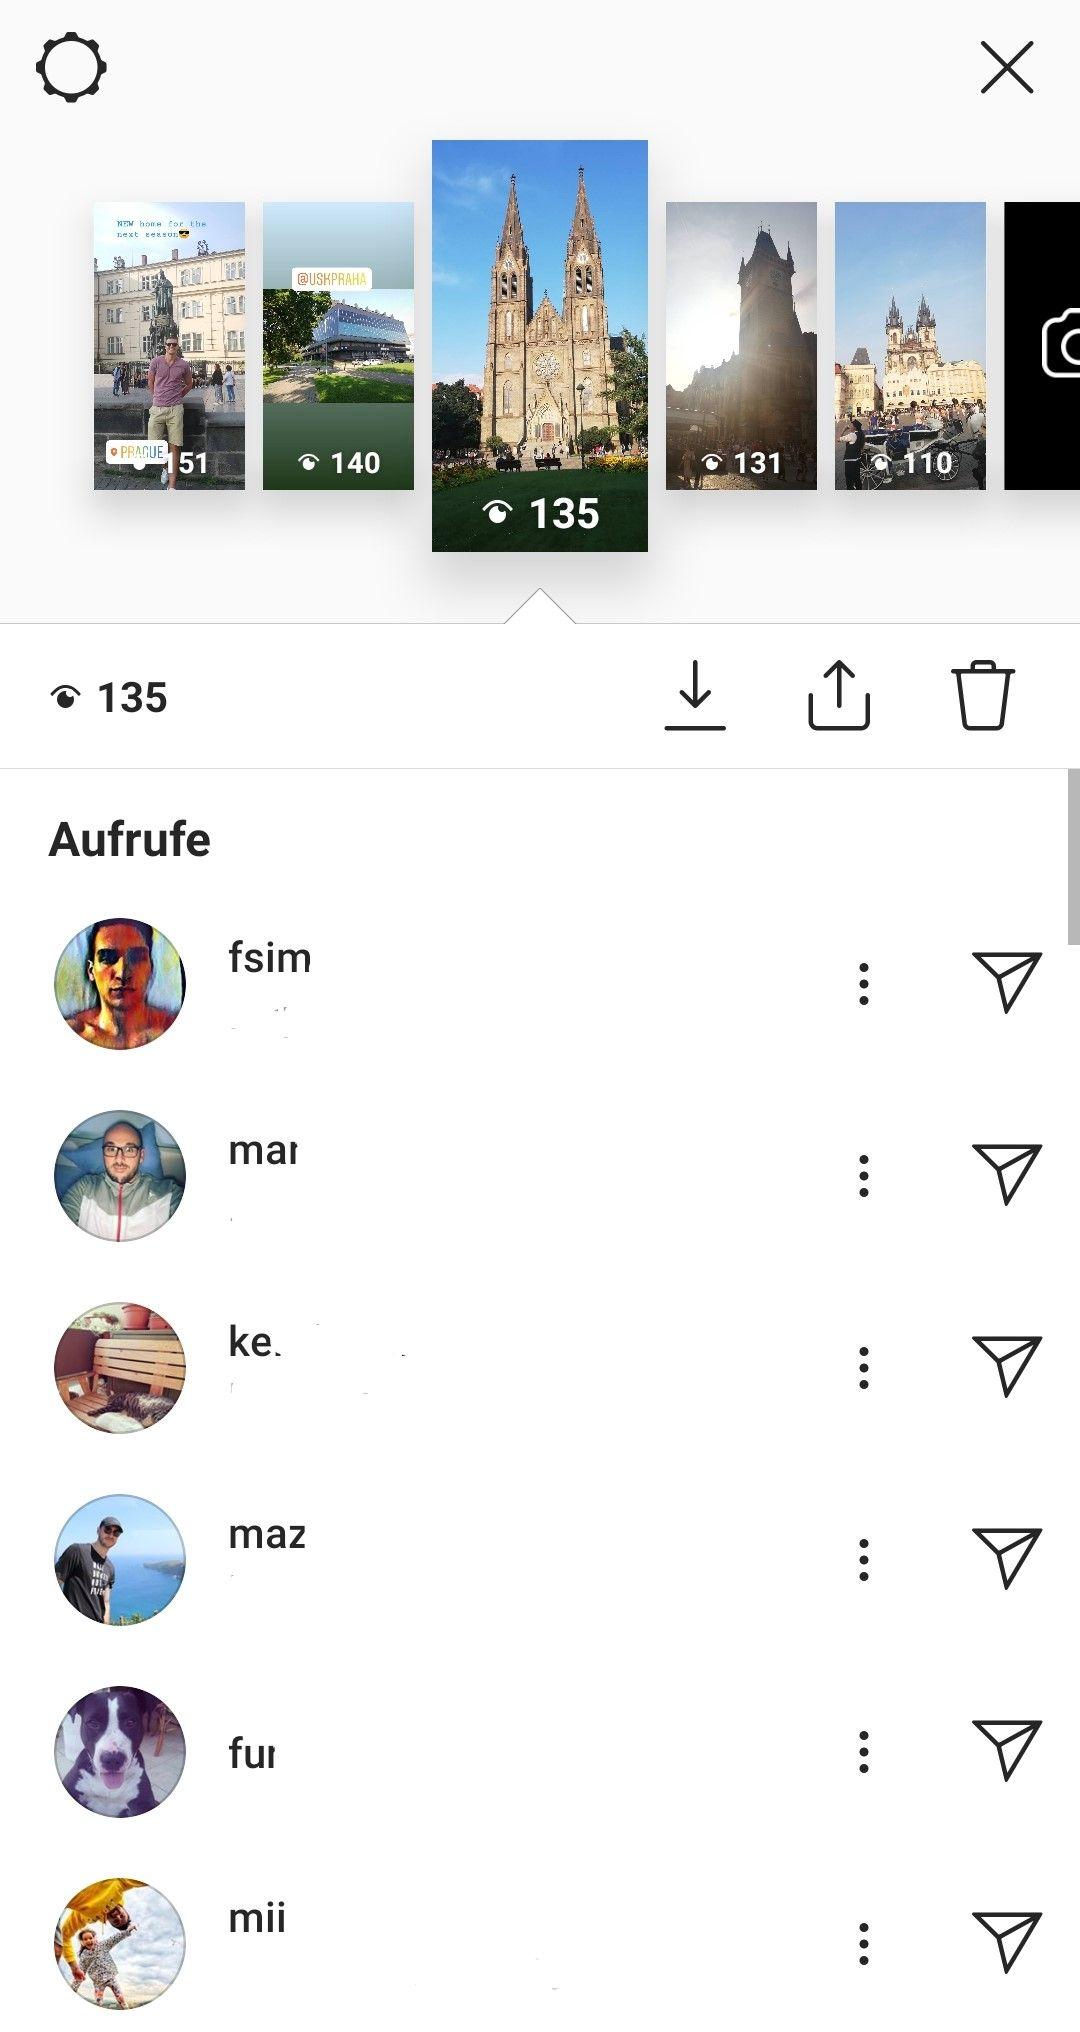 War story instagram profil wer sehen auf Facebook: Profilbesucher